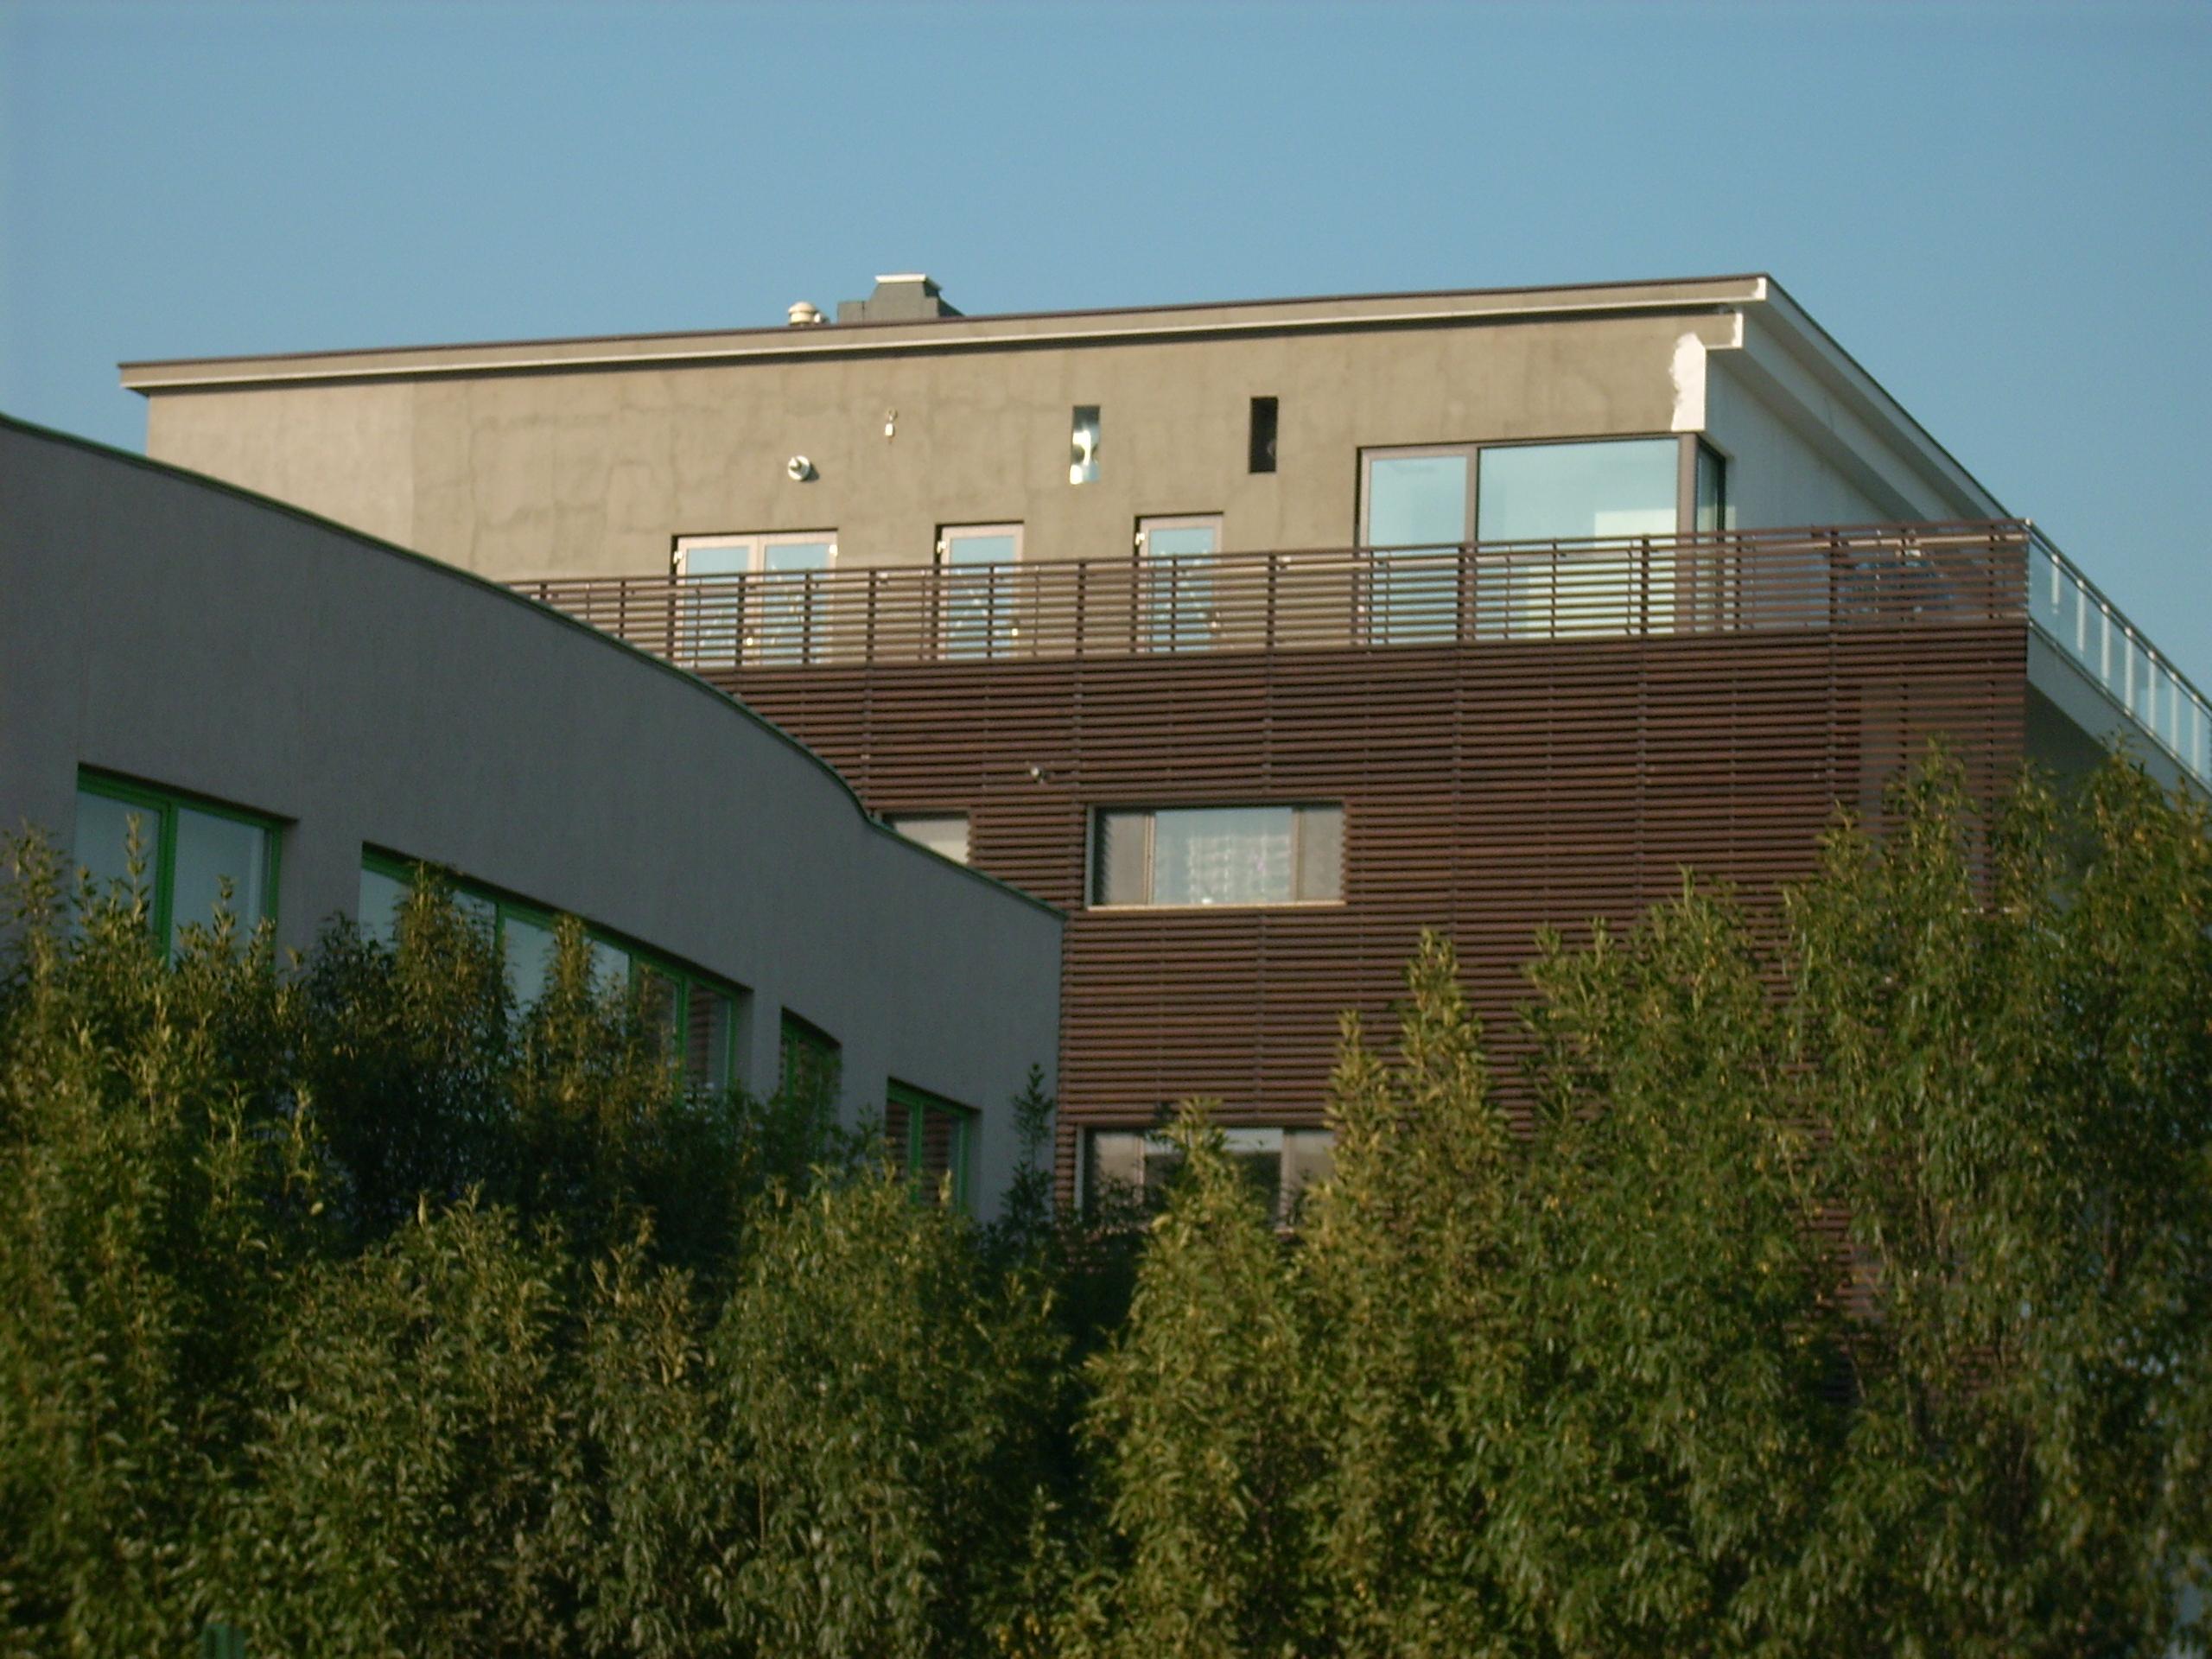 Aplicarea tratamentelor de impermeabilizare - VERTICAL CONSTRUCT - Straulesti UNICO PROFIT - Poza 52